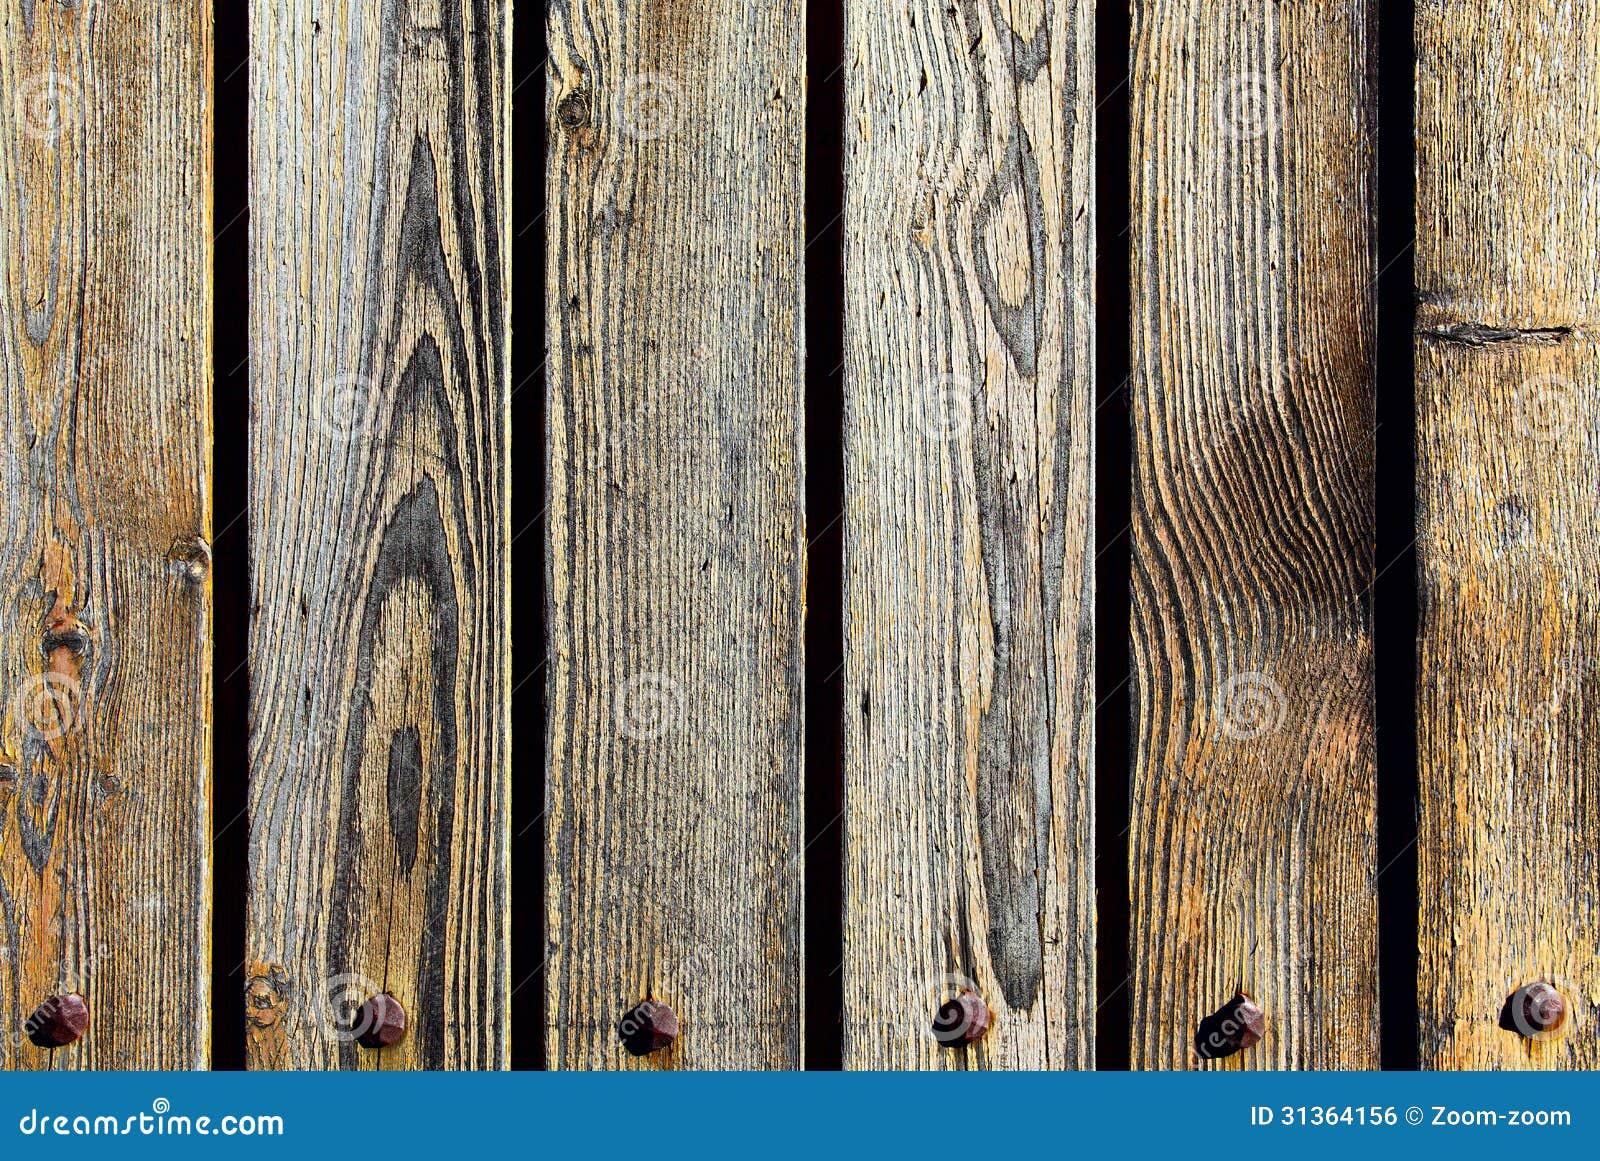 Texture des planches en bois image libre de droits image 31364156 - Vieilles planches de bois ...